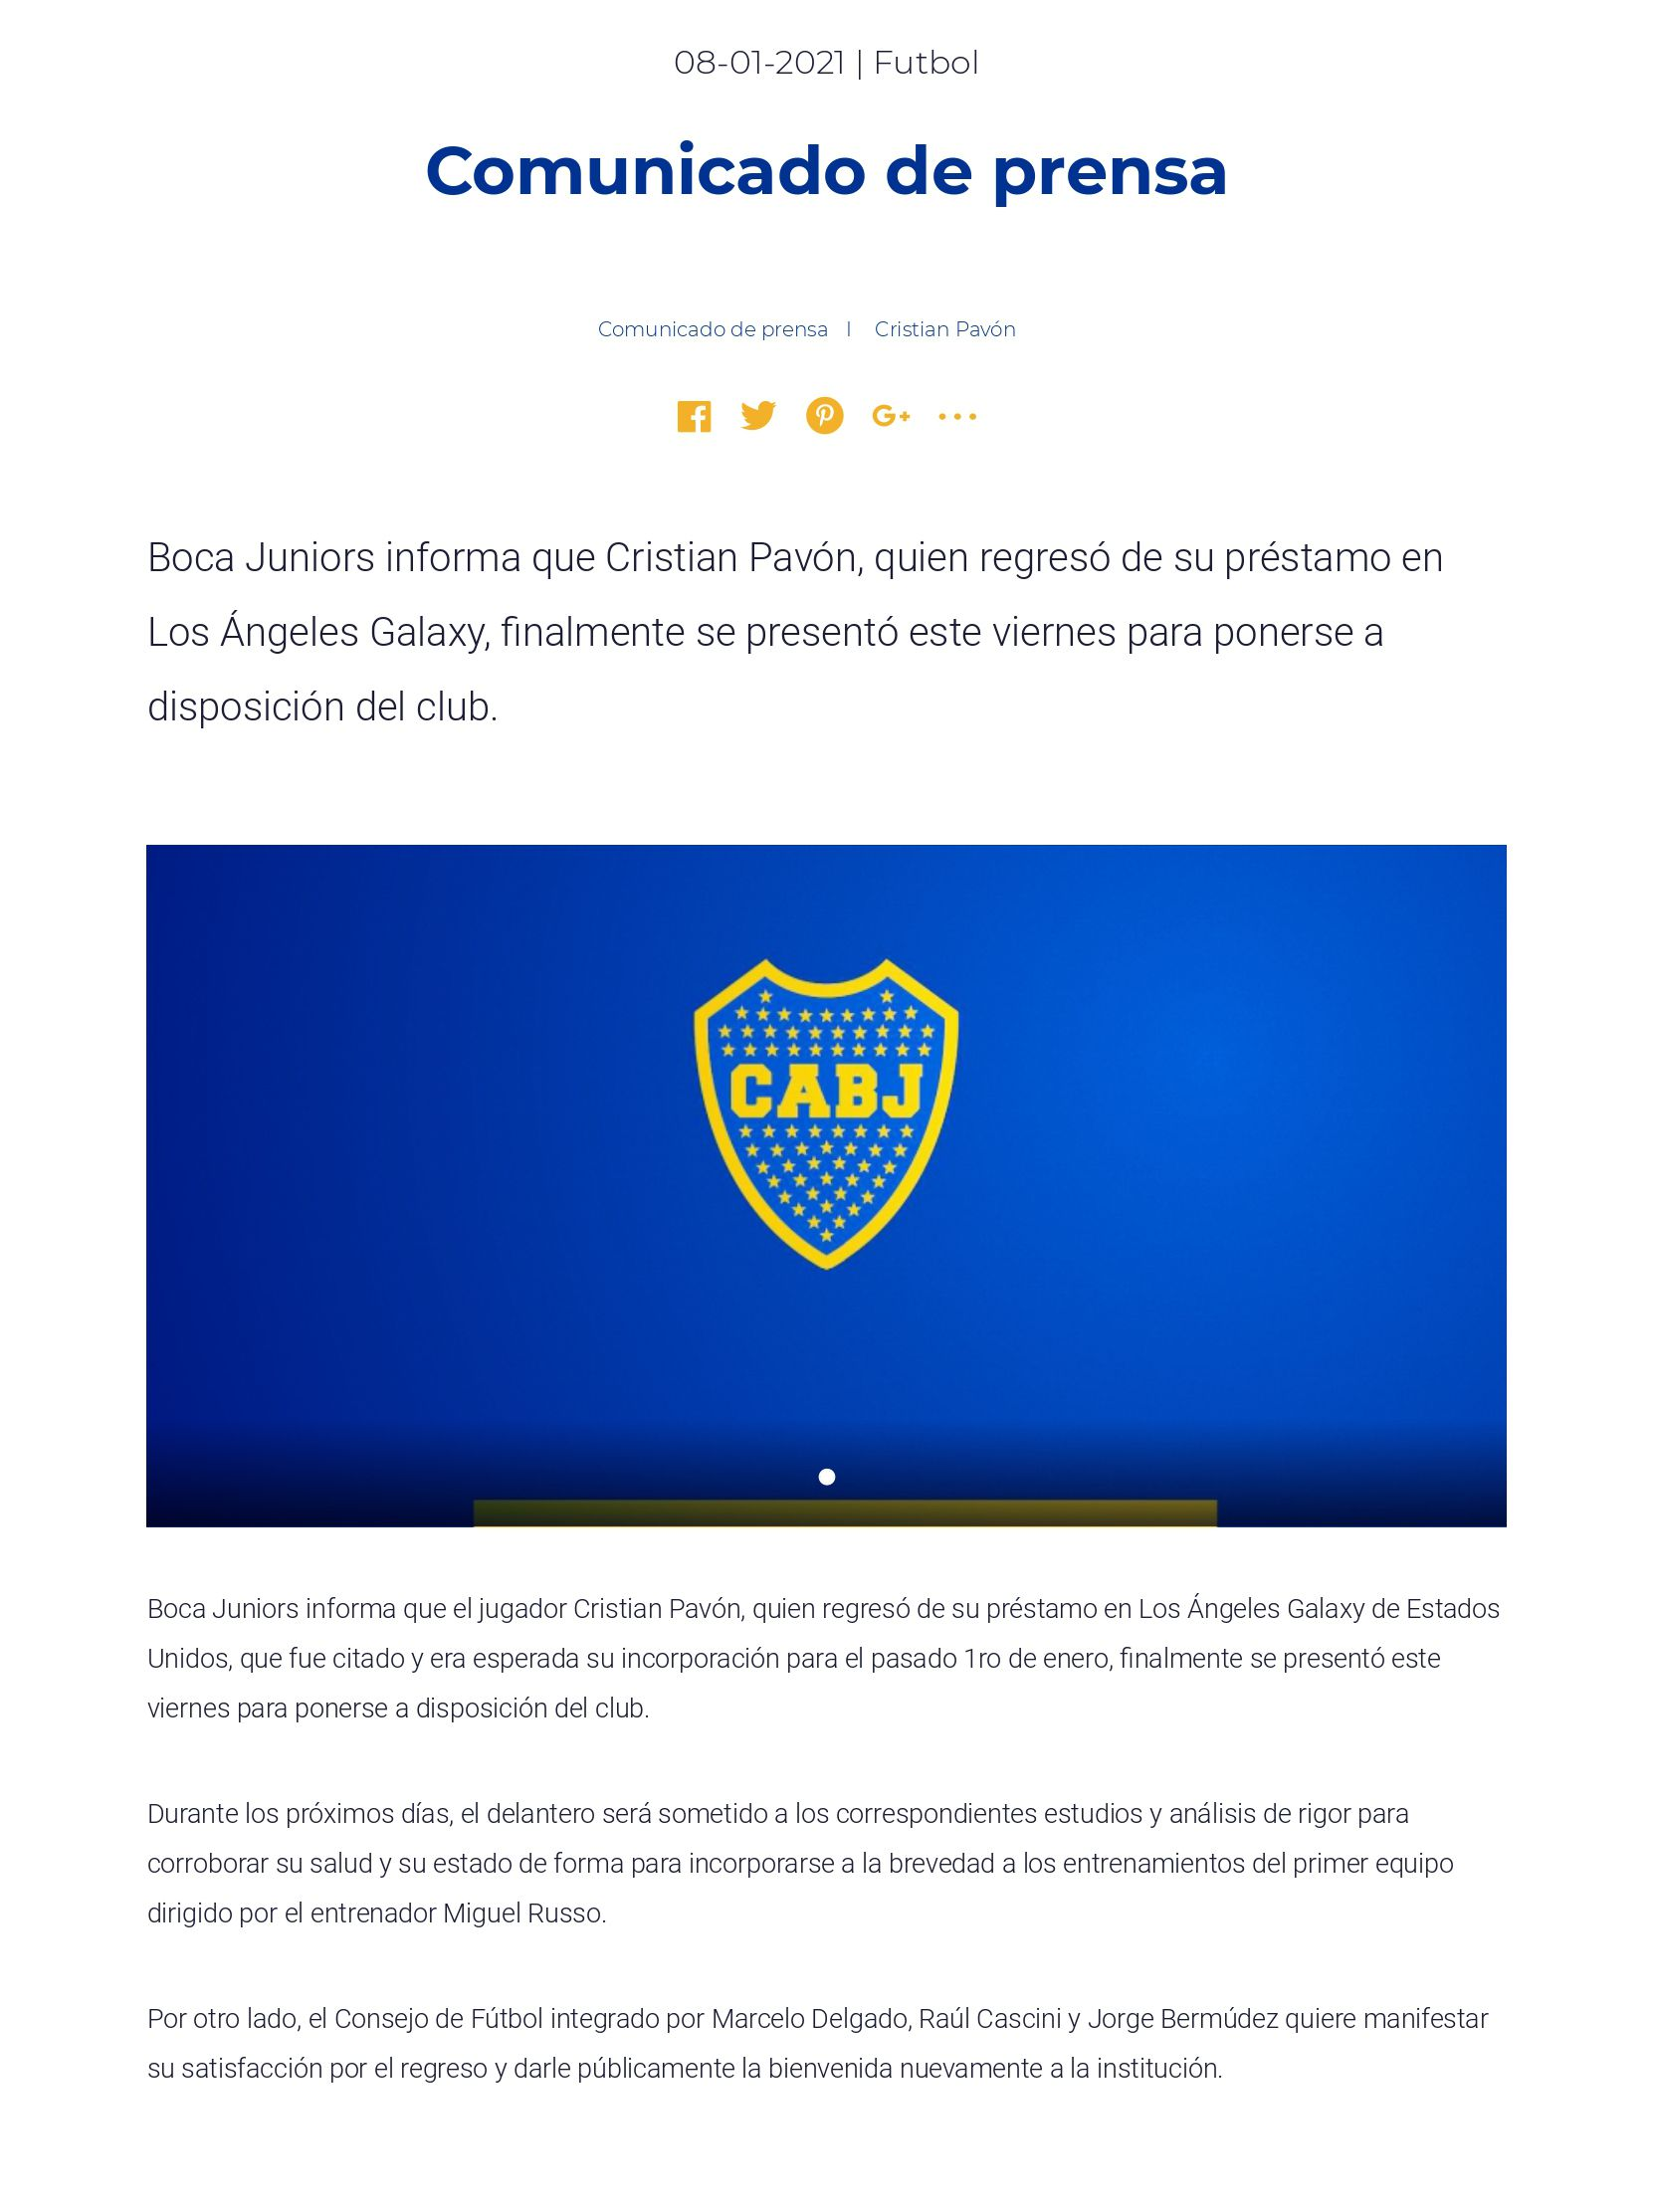 Comunicado de Boca sobre Cristian Pavón